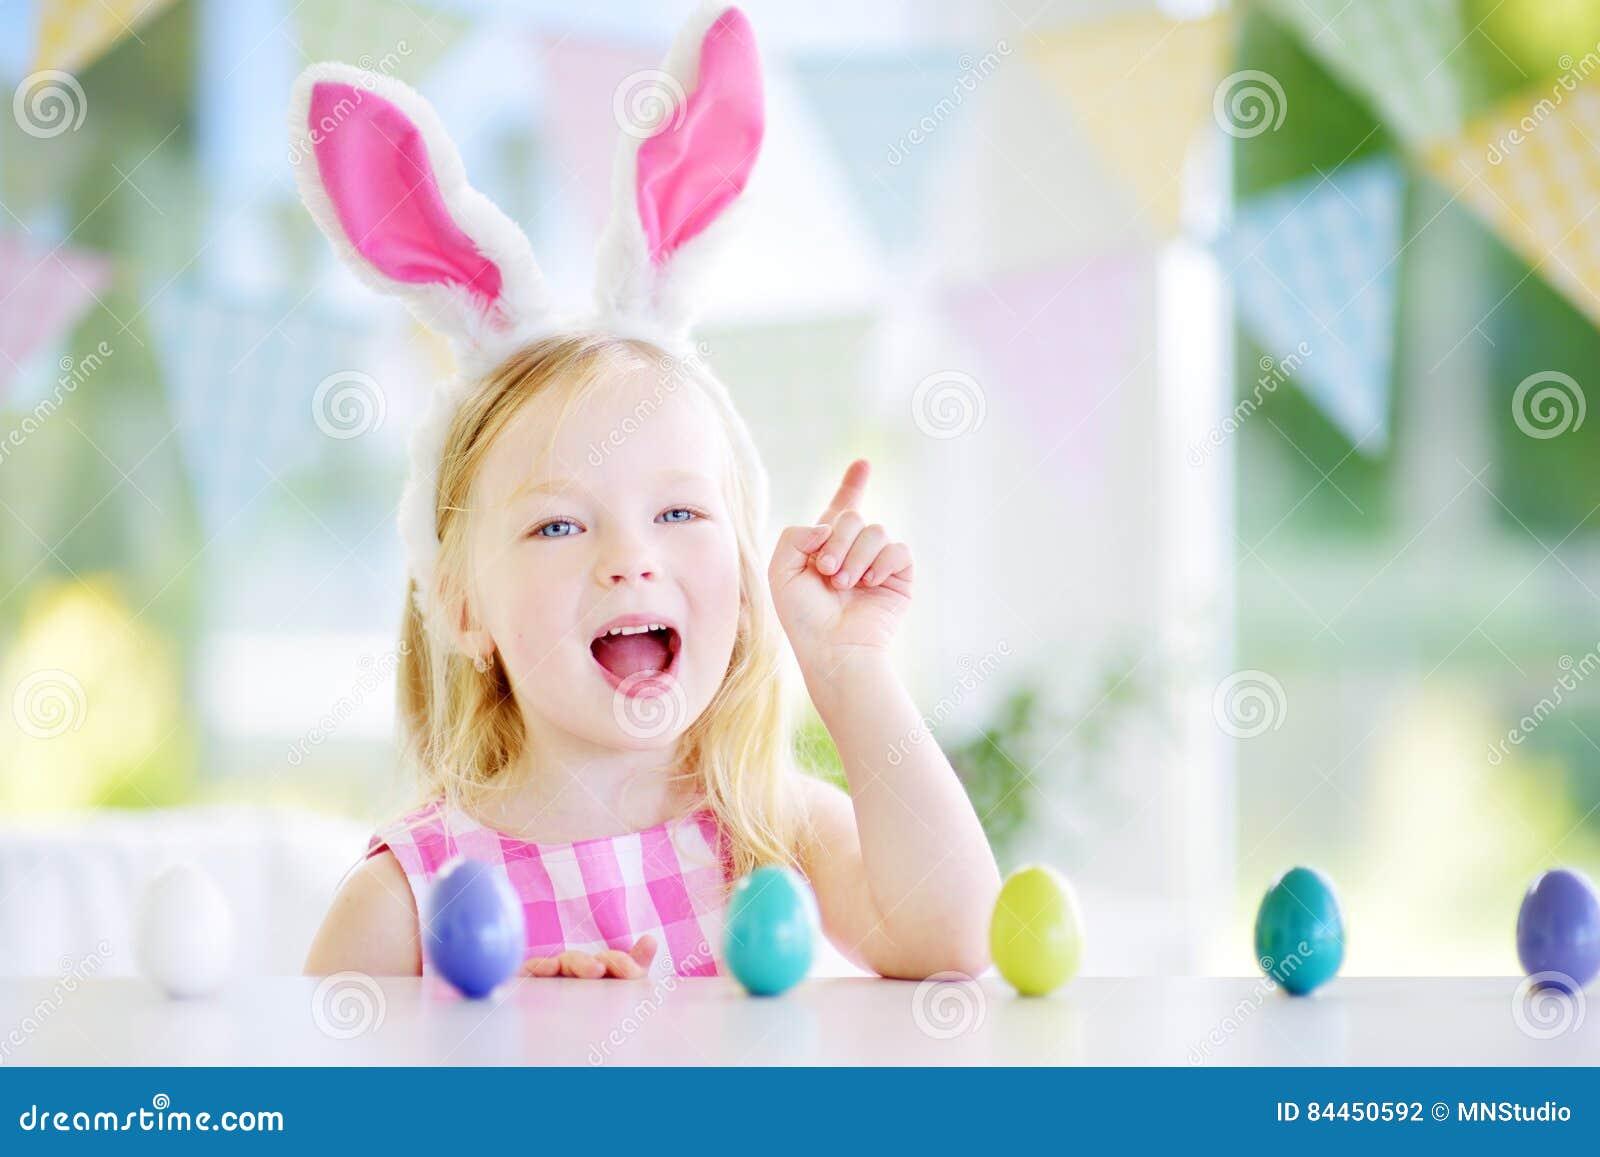 Die Netten Tragenden Häschenohren Des Kleinen Mädchens Die Ei